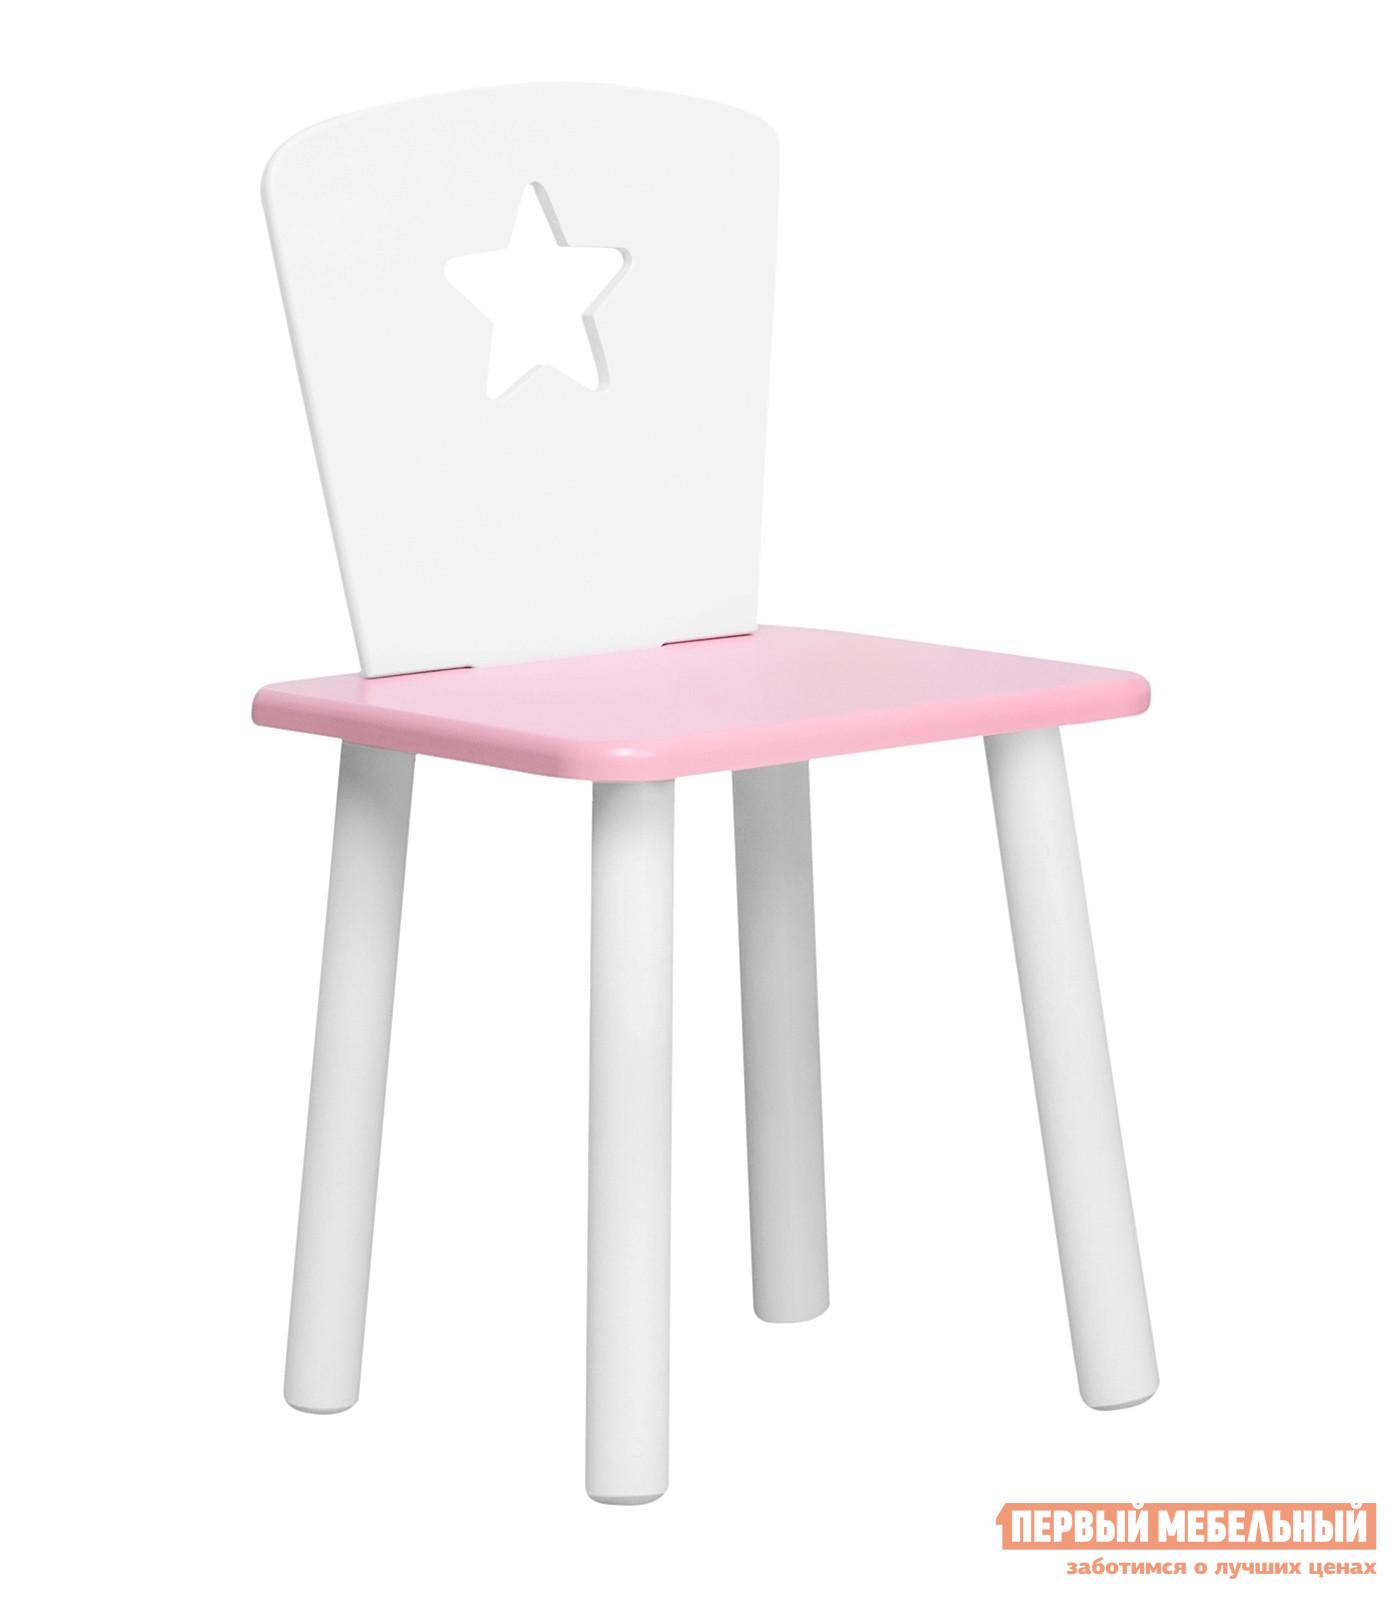 Столик и стульчик  Детский Стул Eco Star Нежно-розовый